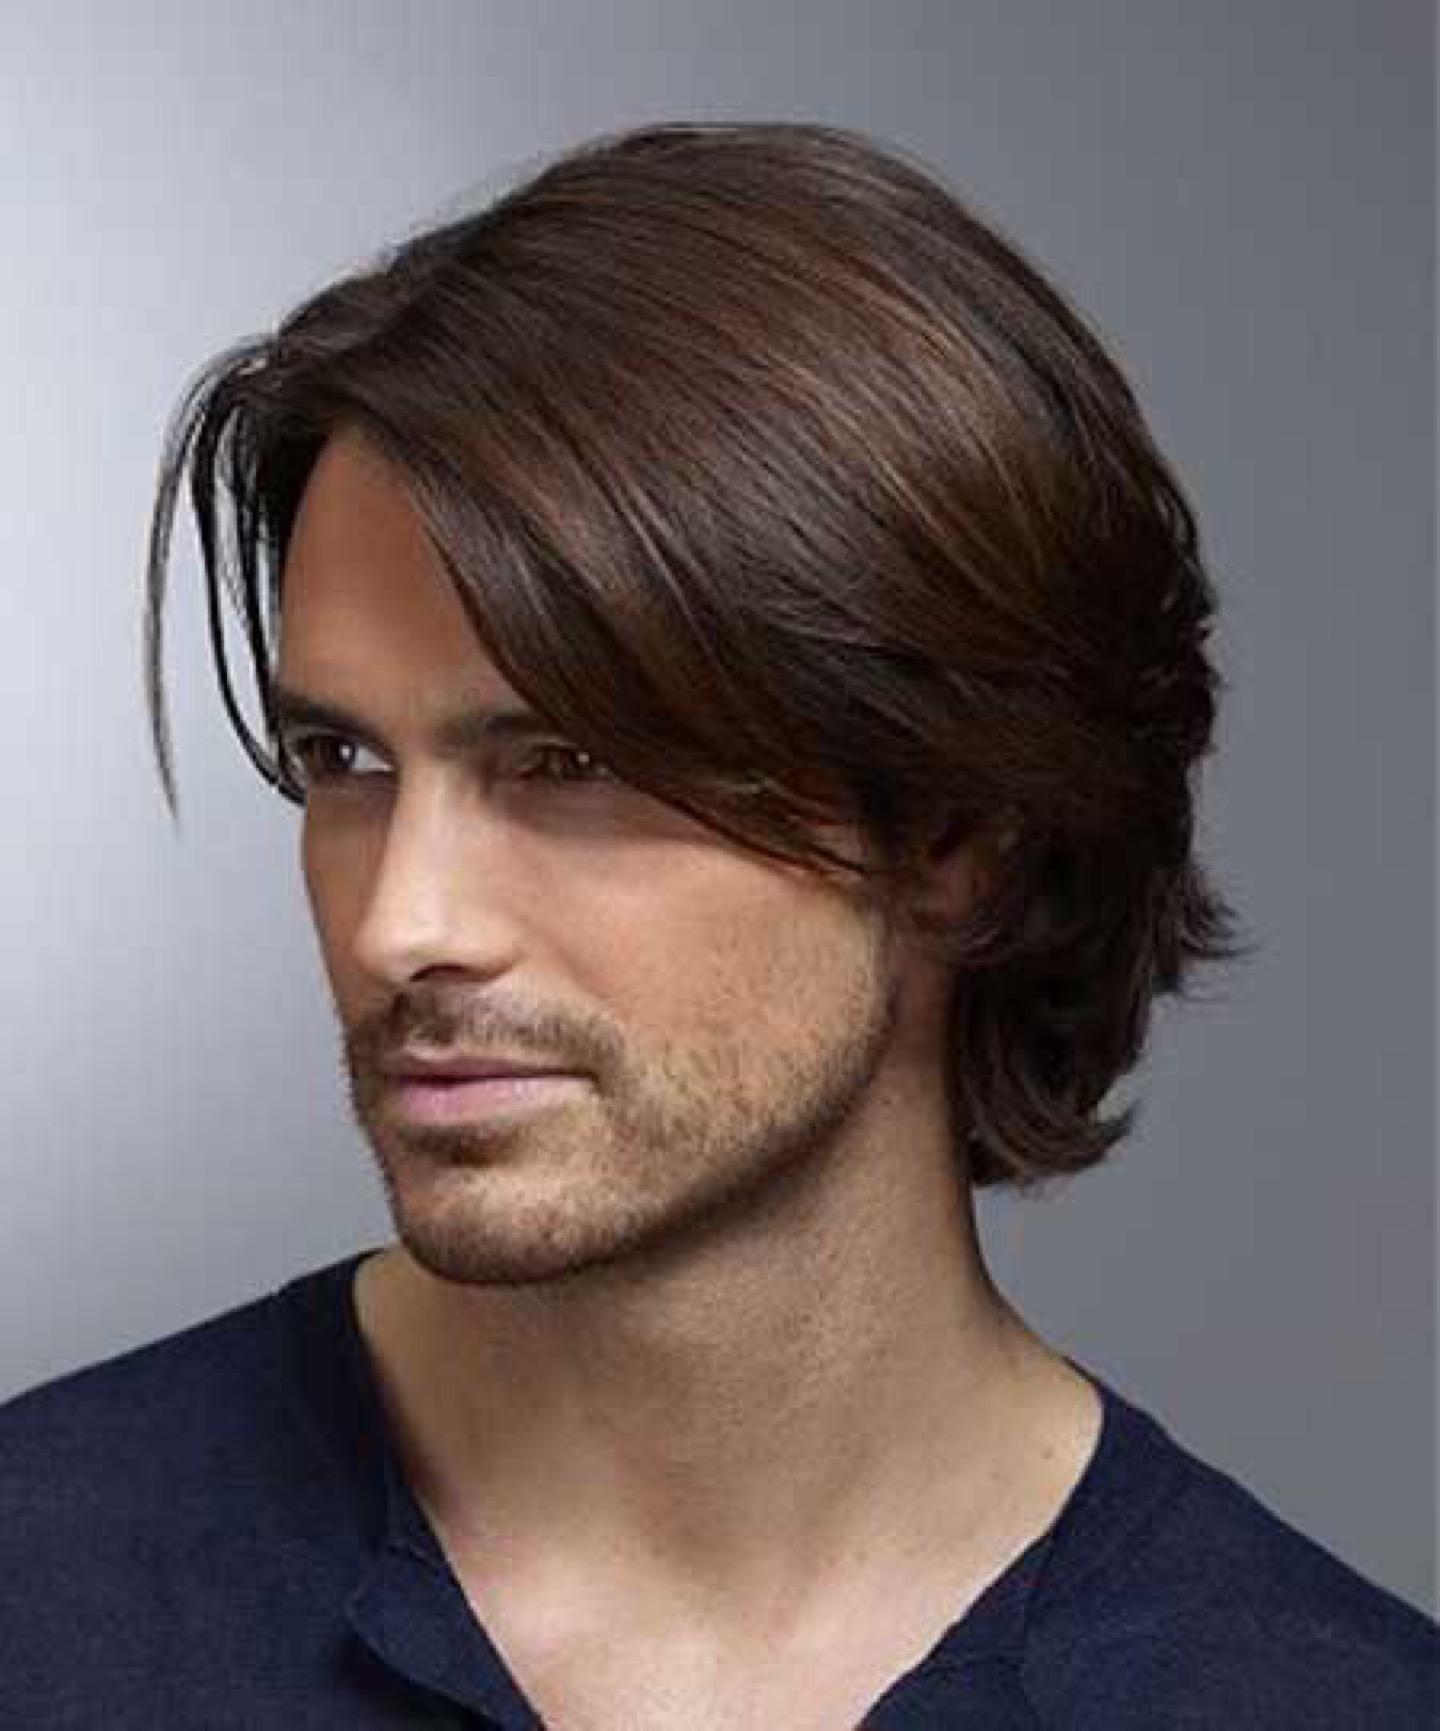 Фото мужские прически для длинных волос